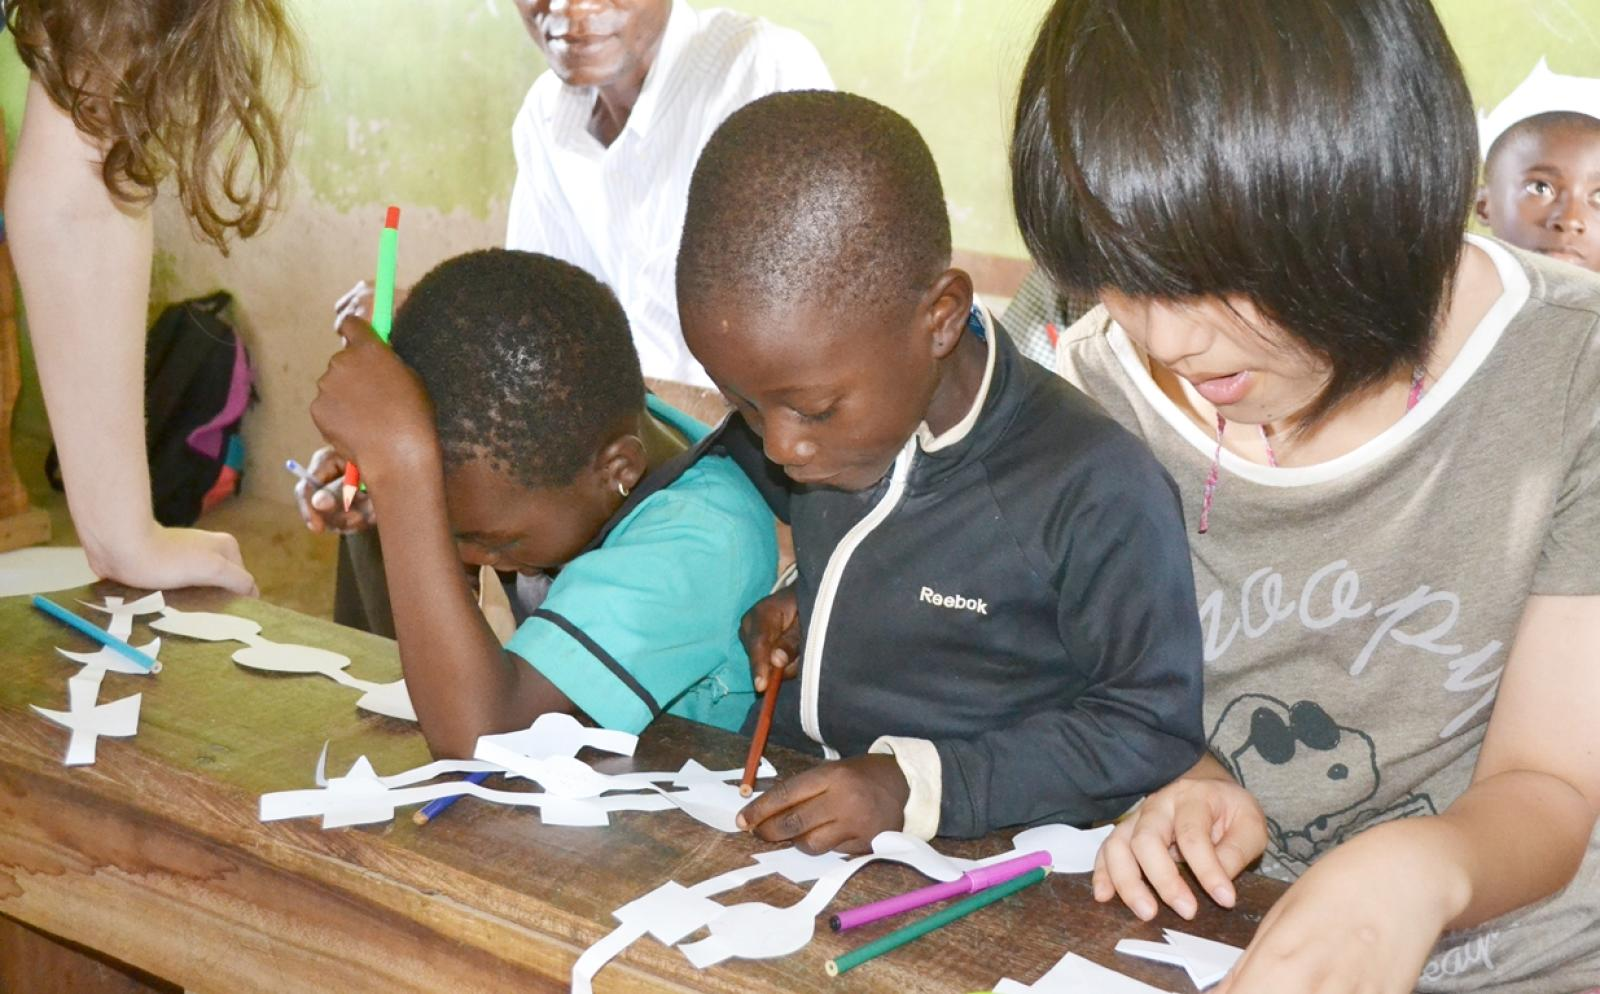 ガーナの子供たちと図画工作を行う日本人高校生ボランティア